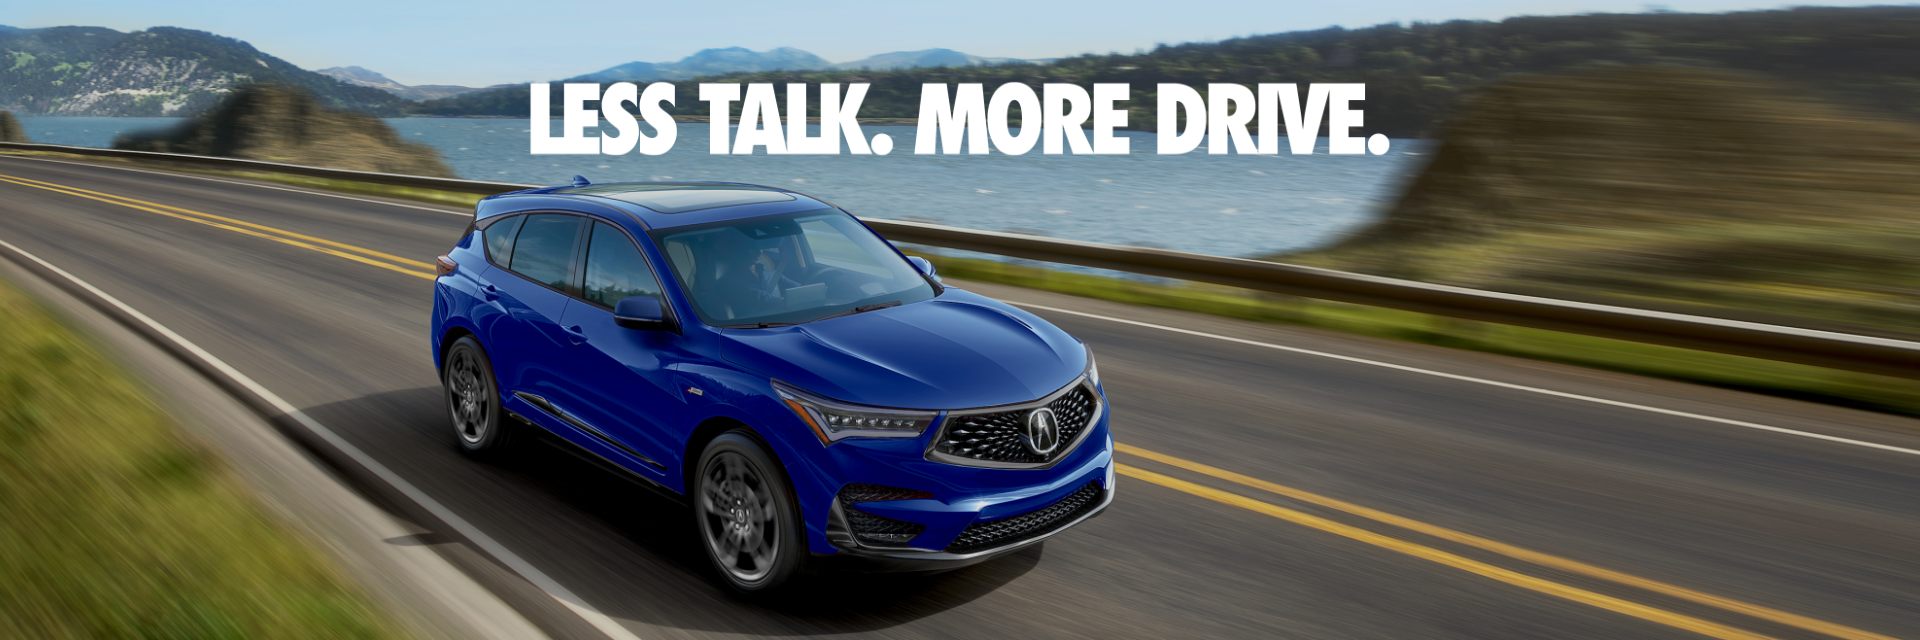 Less Talk. More Drive